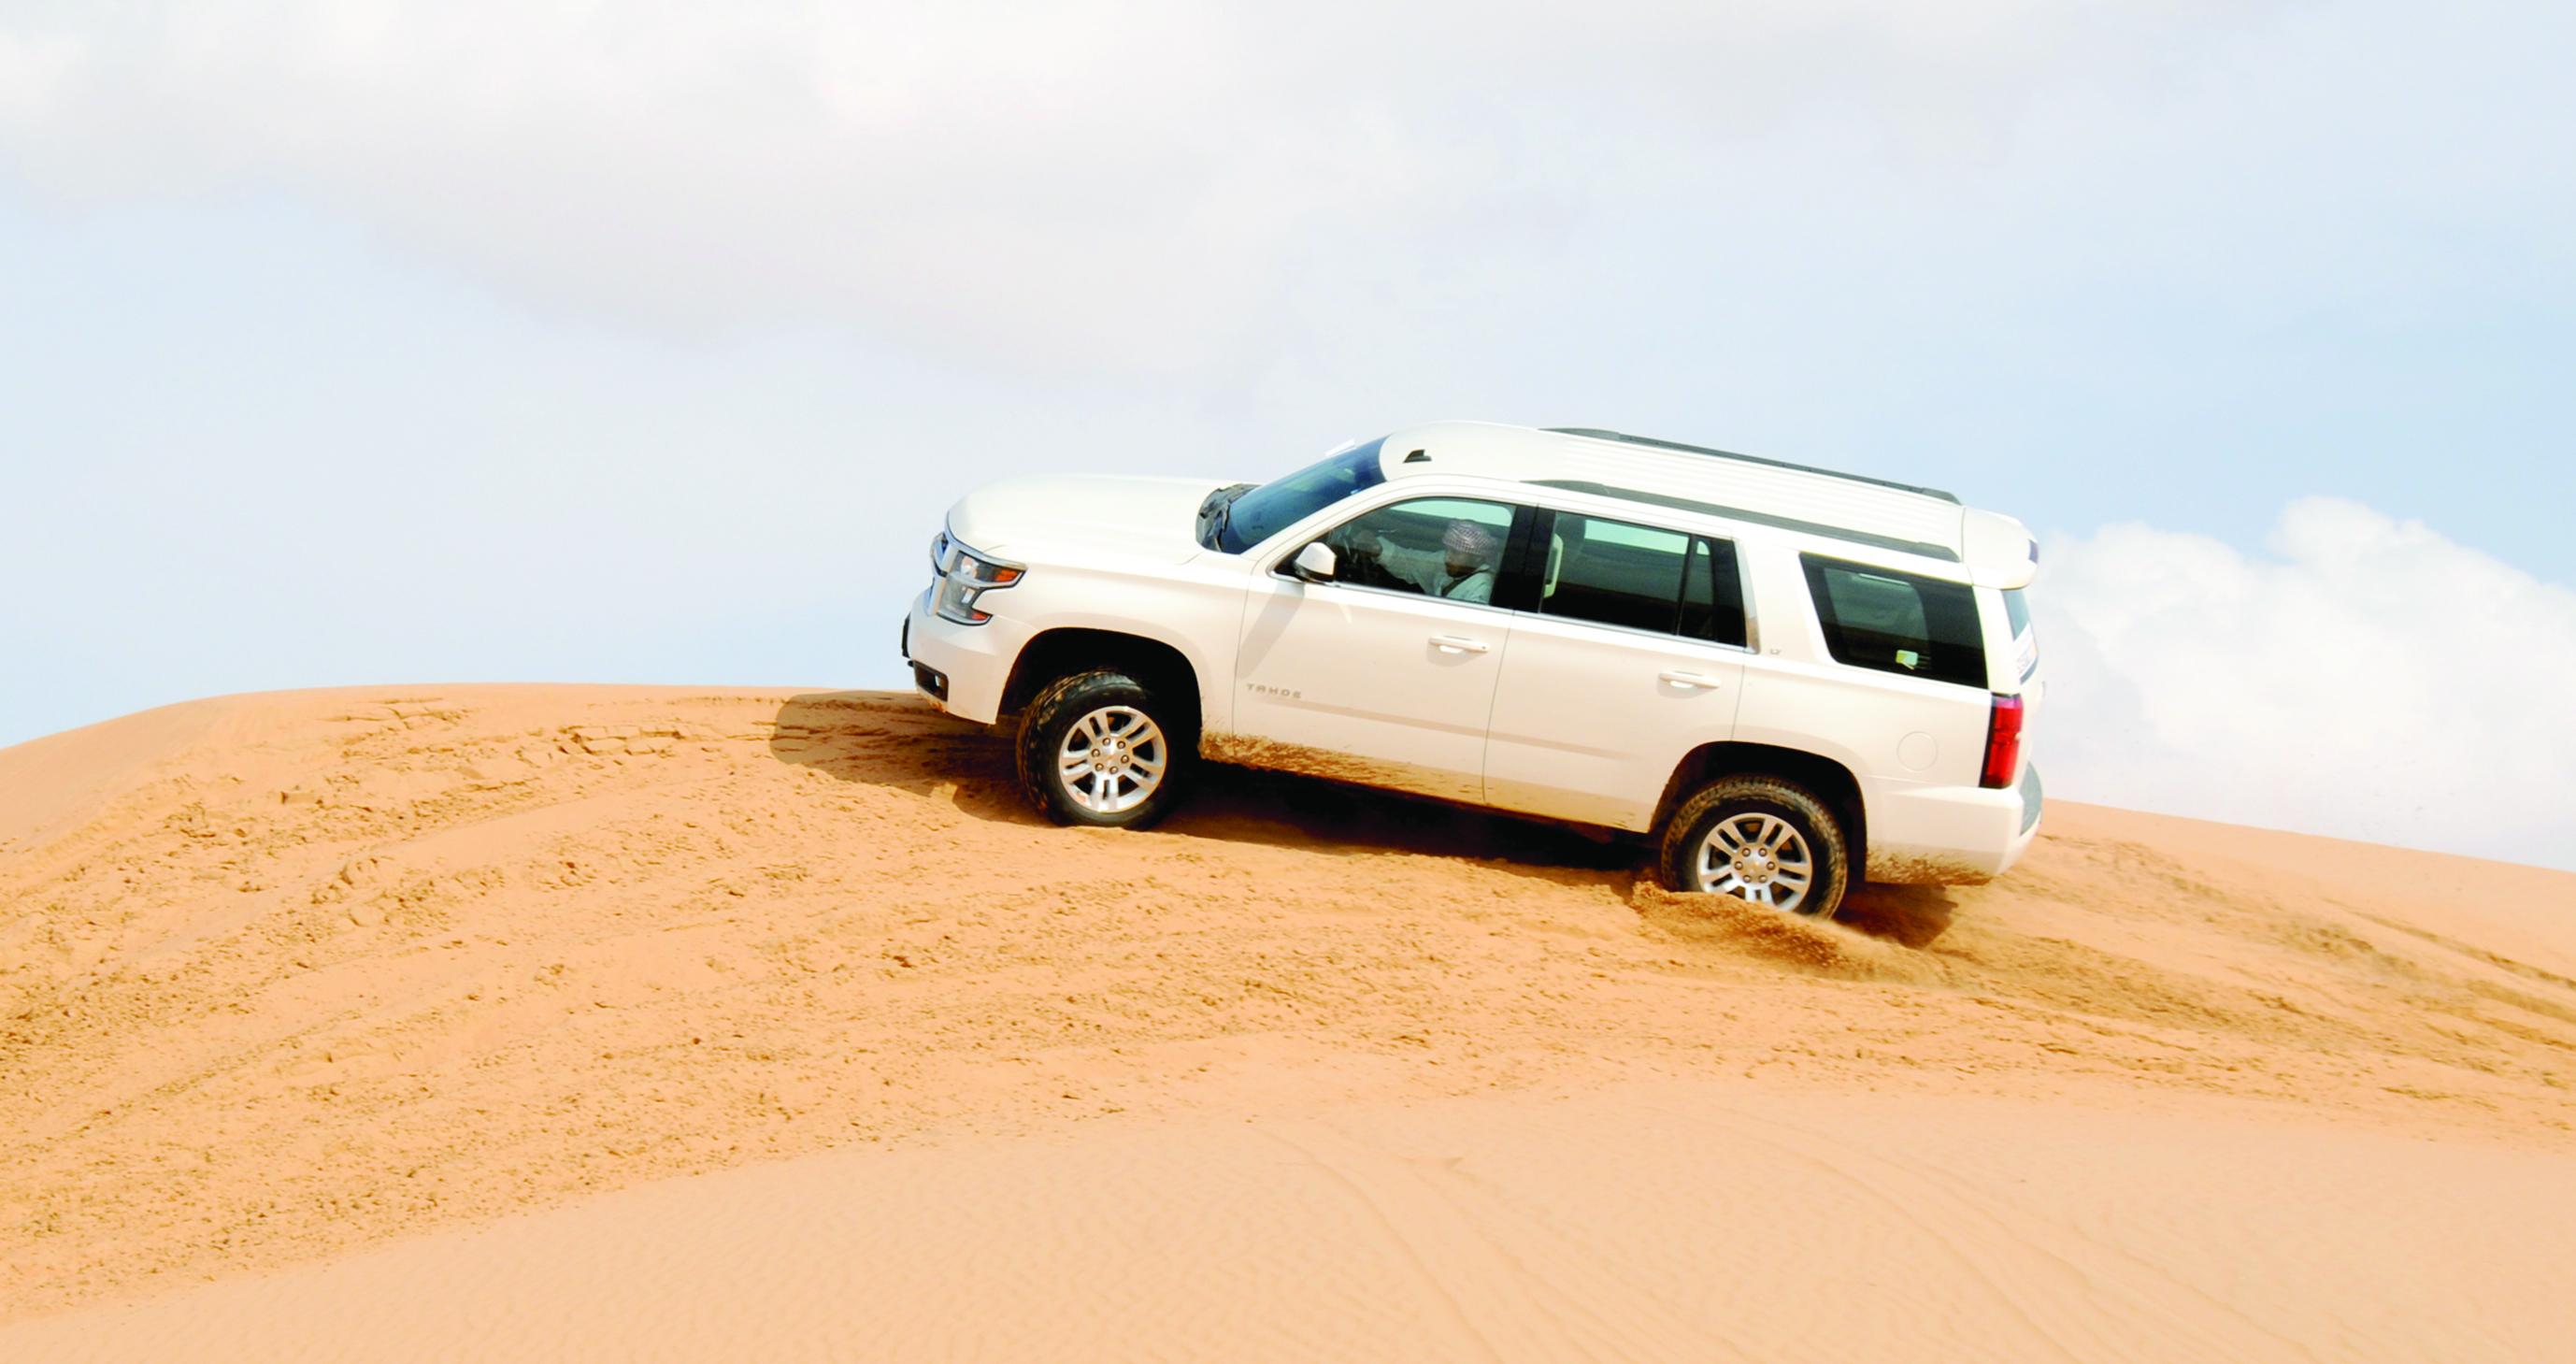 تجربة غنية لشفروليه في قلب الصحراء